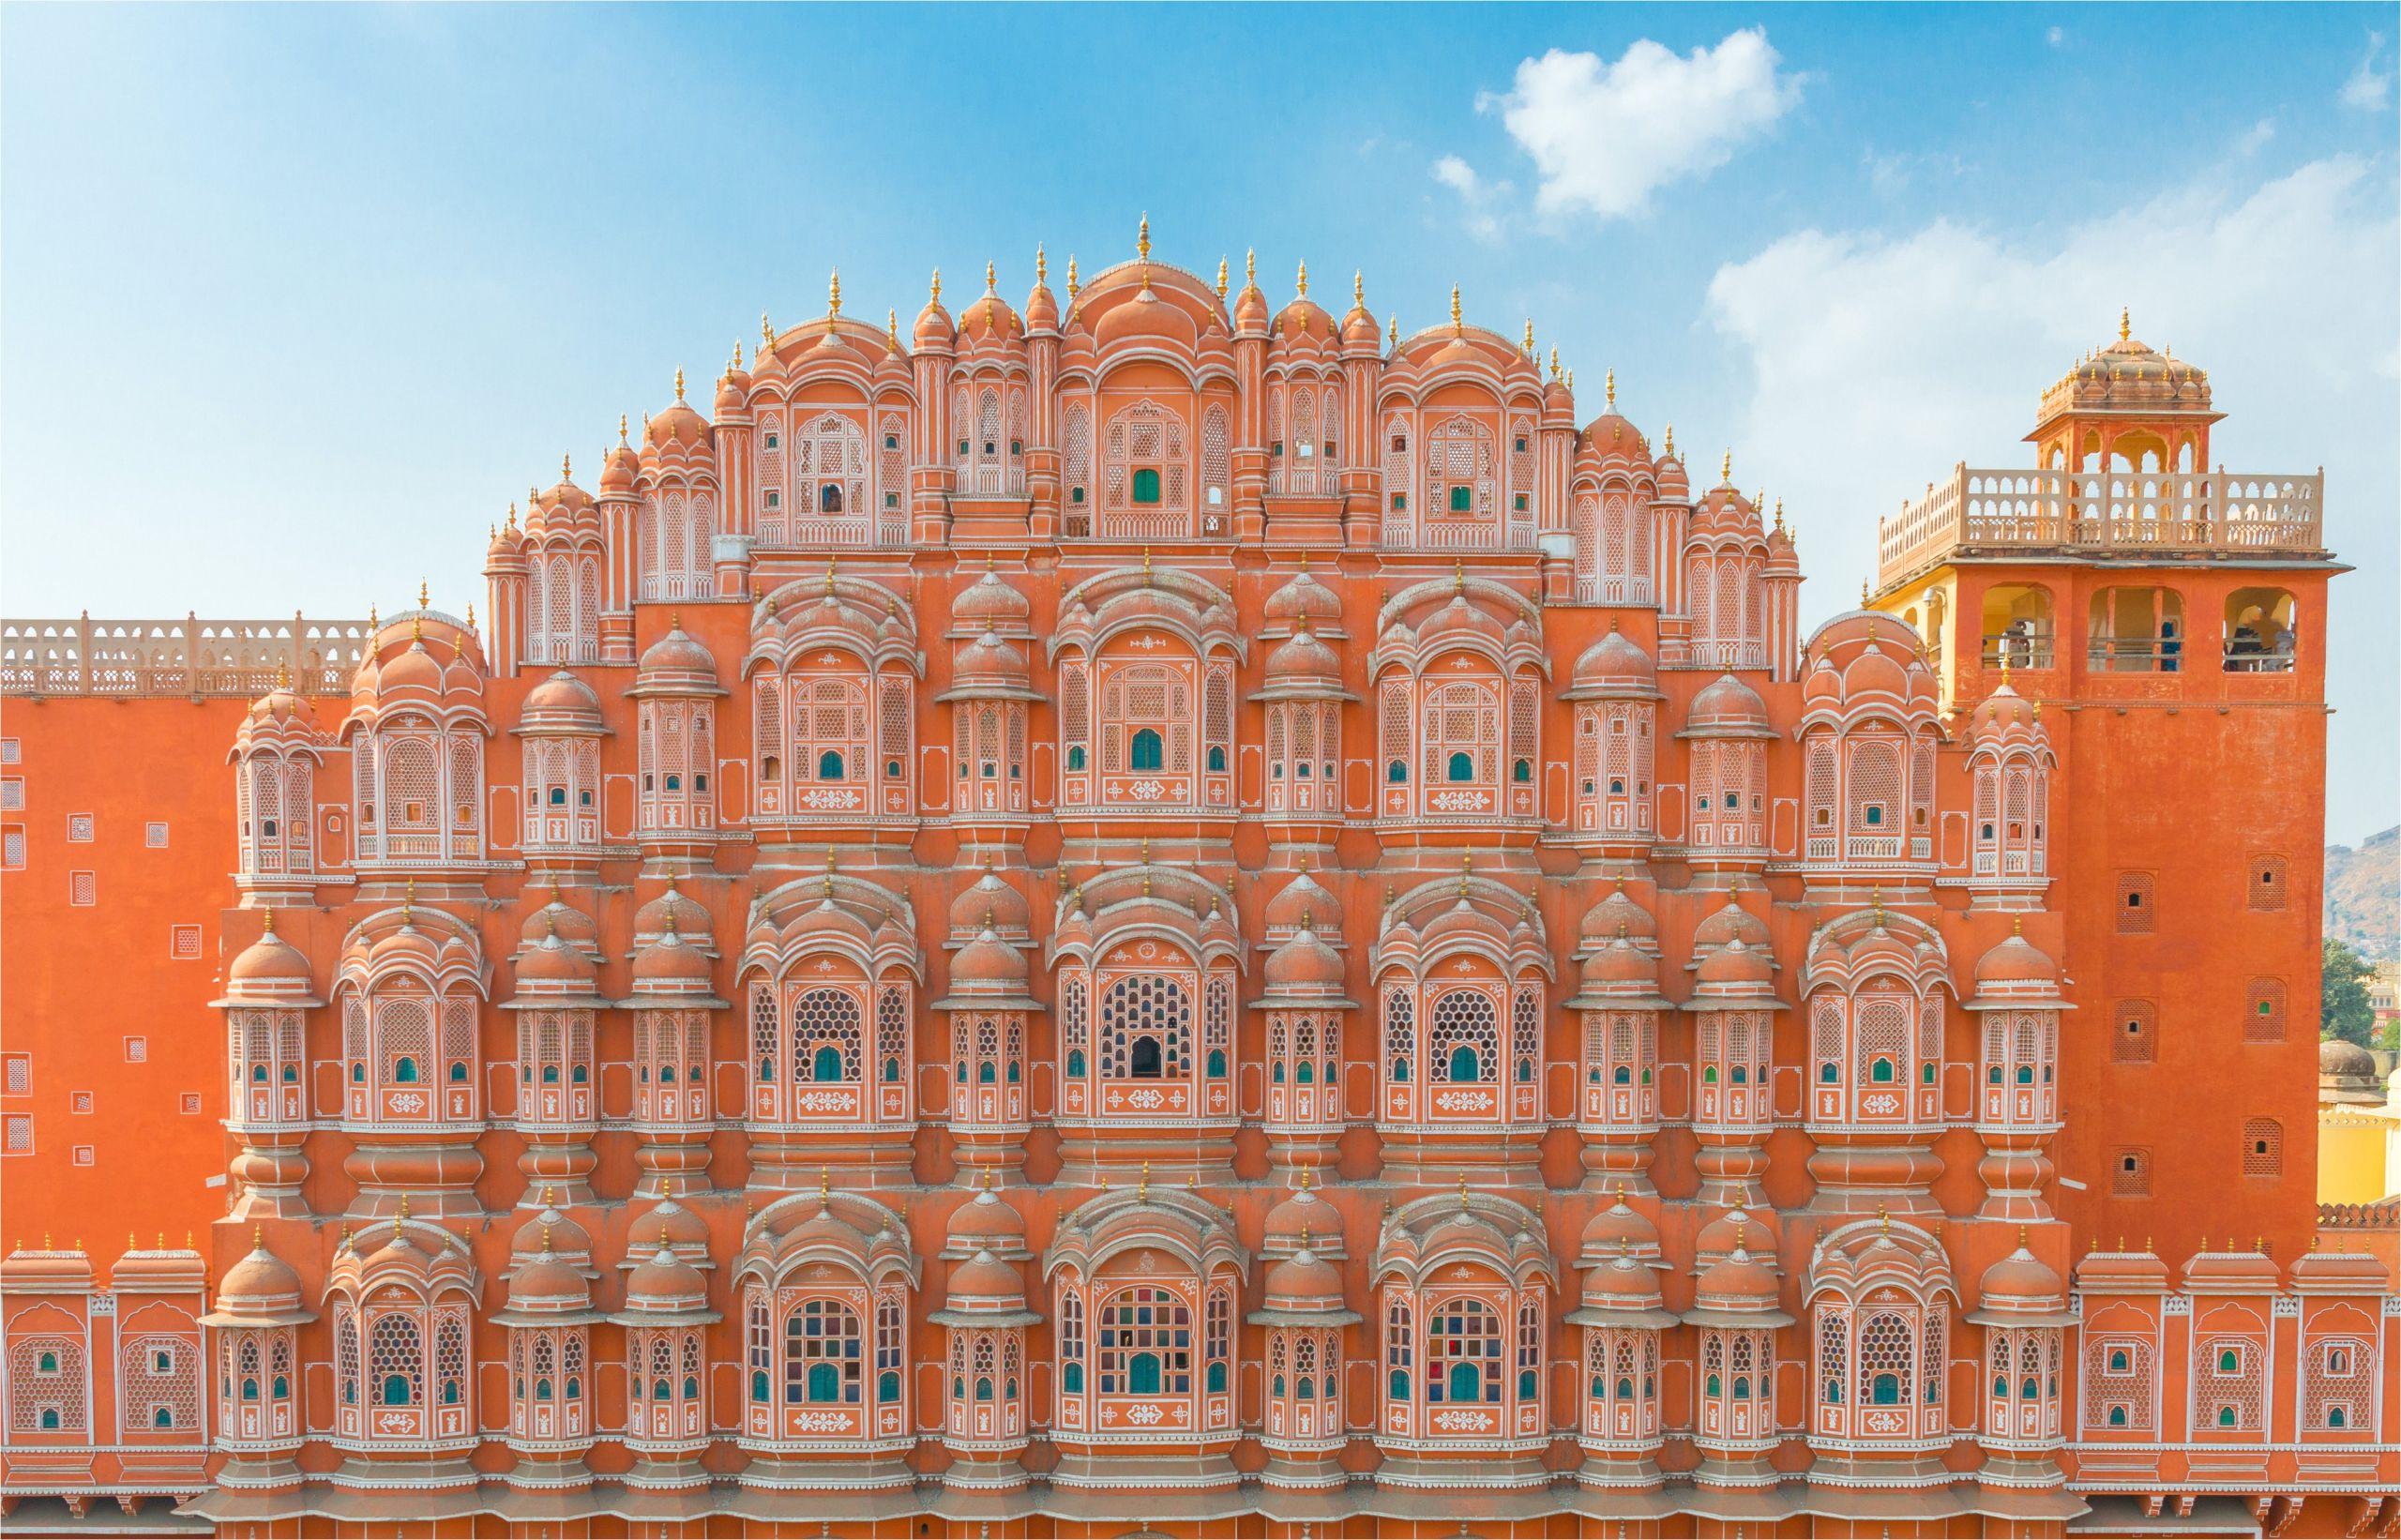 jaipur india gettyimages 807569054 jpg